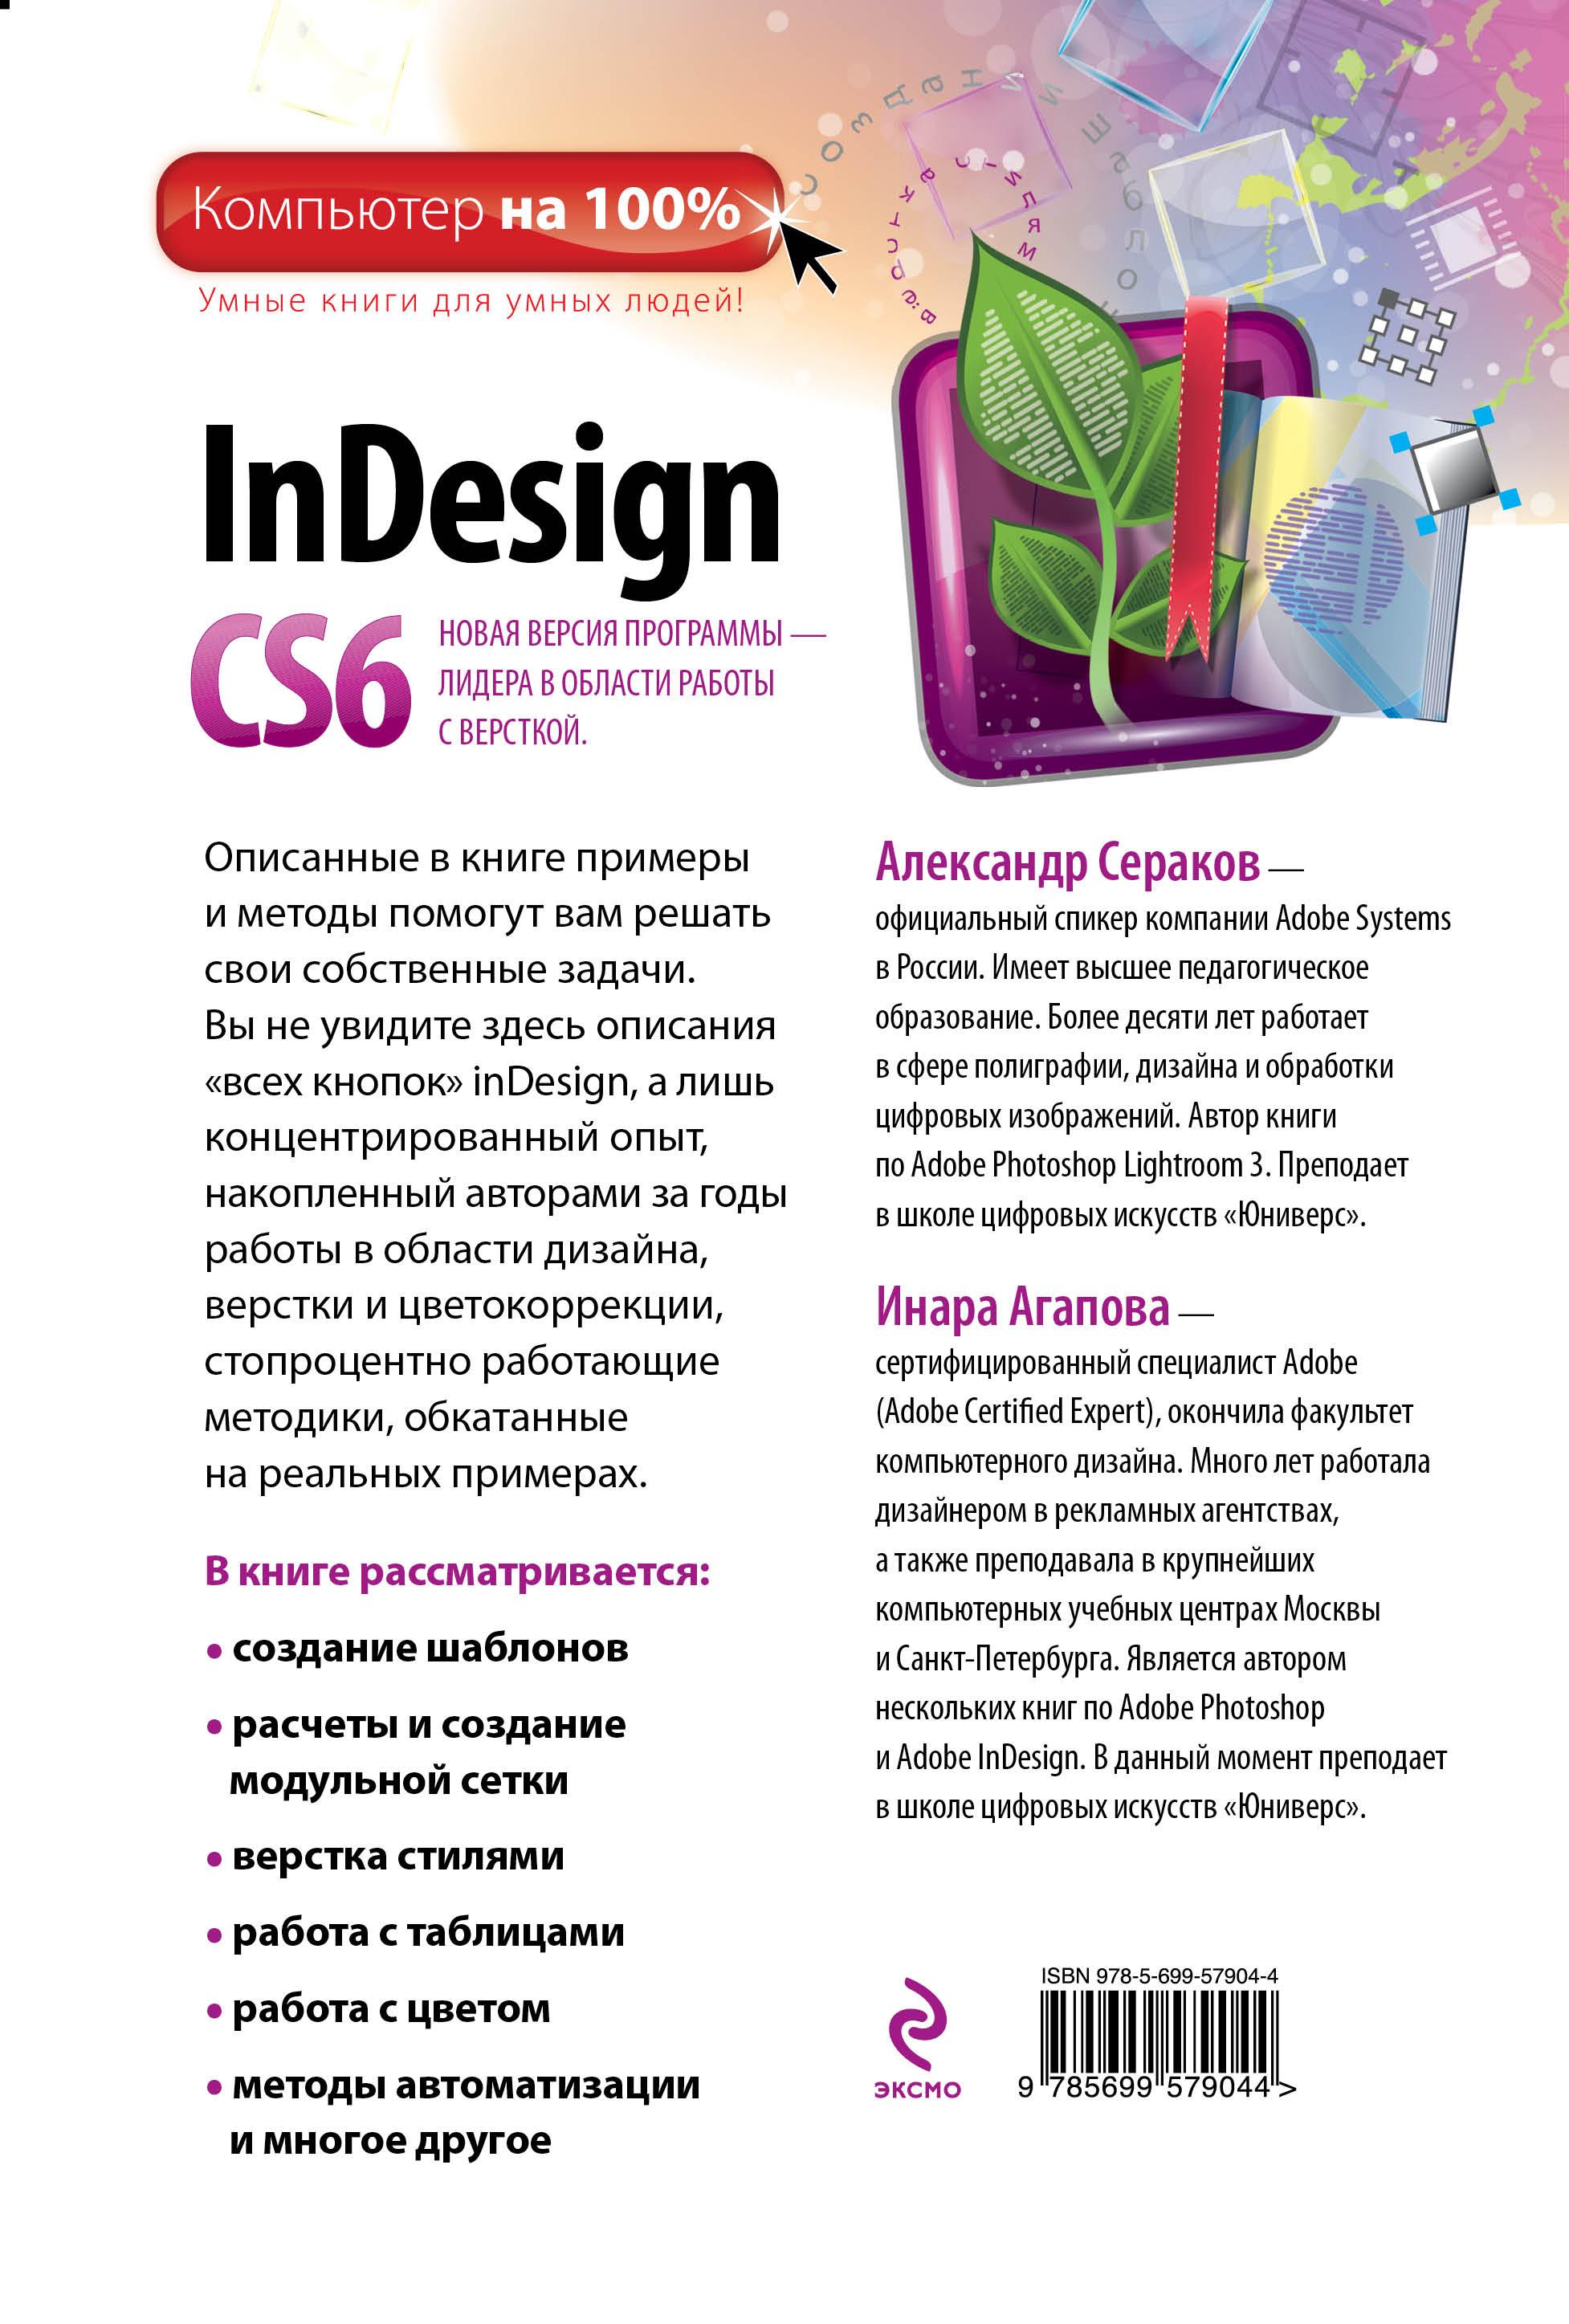 Александр Сераков, Инара Агапова. InDesign CS6